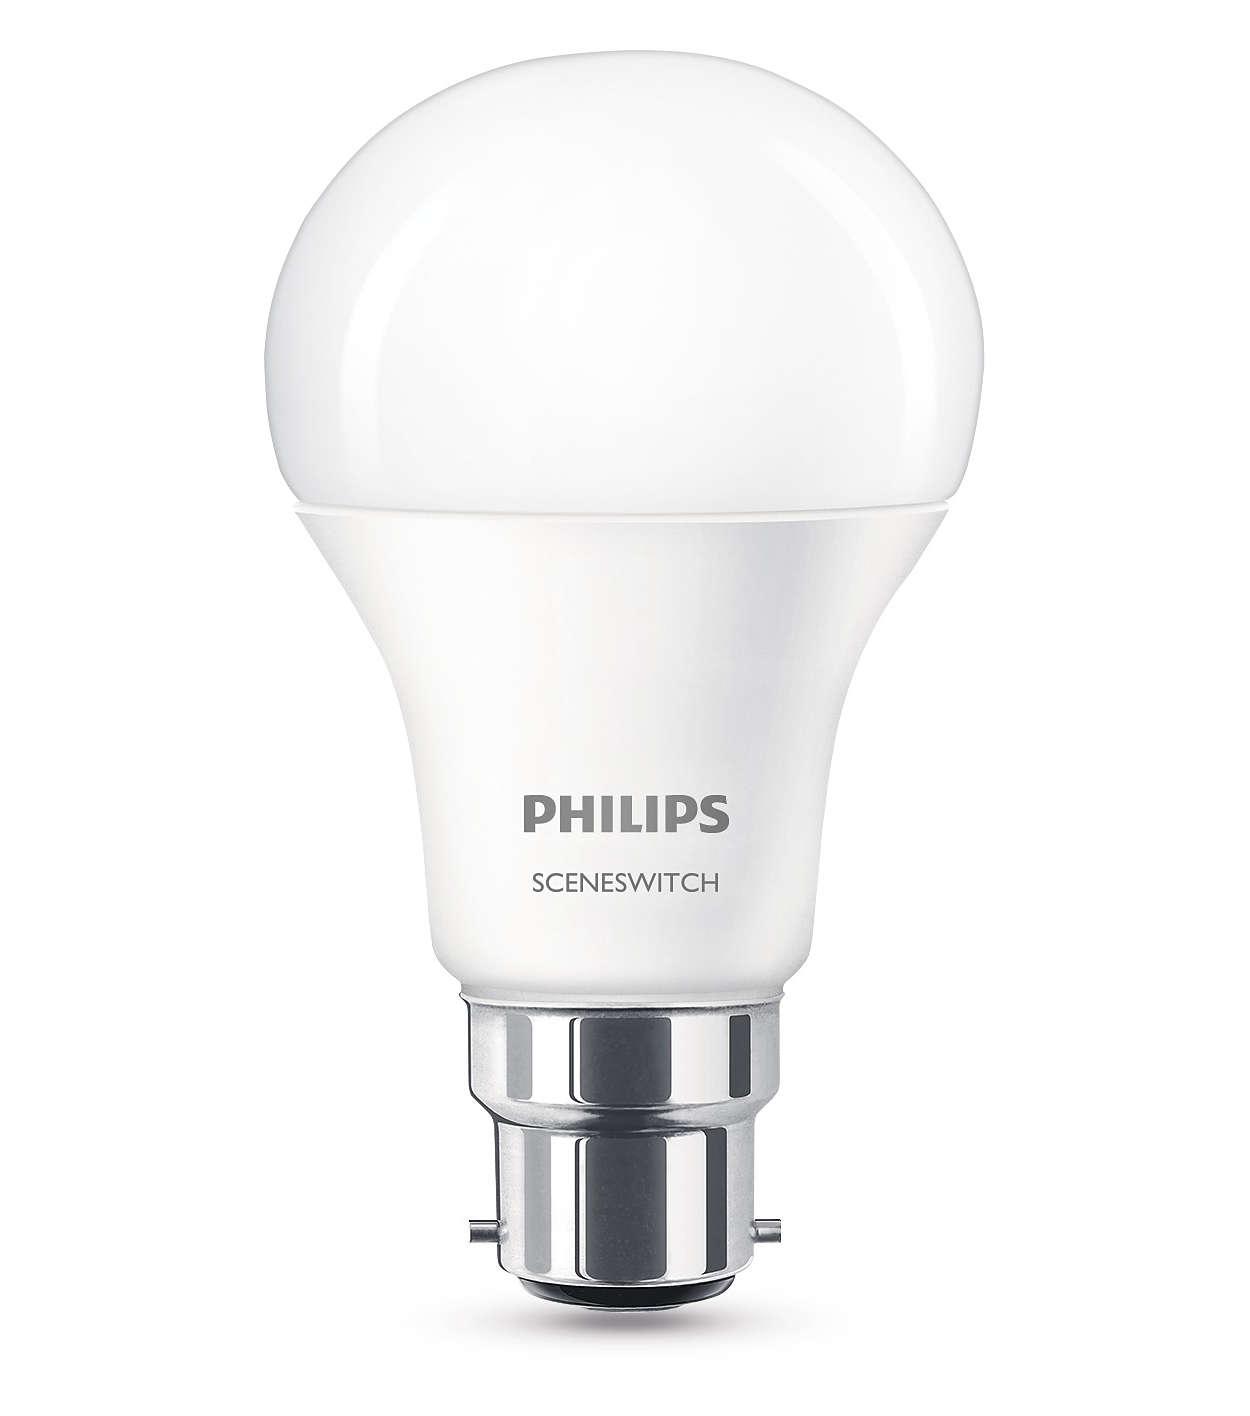 Viena lemputė ir trys šviesos nustatymai